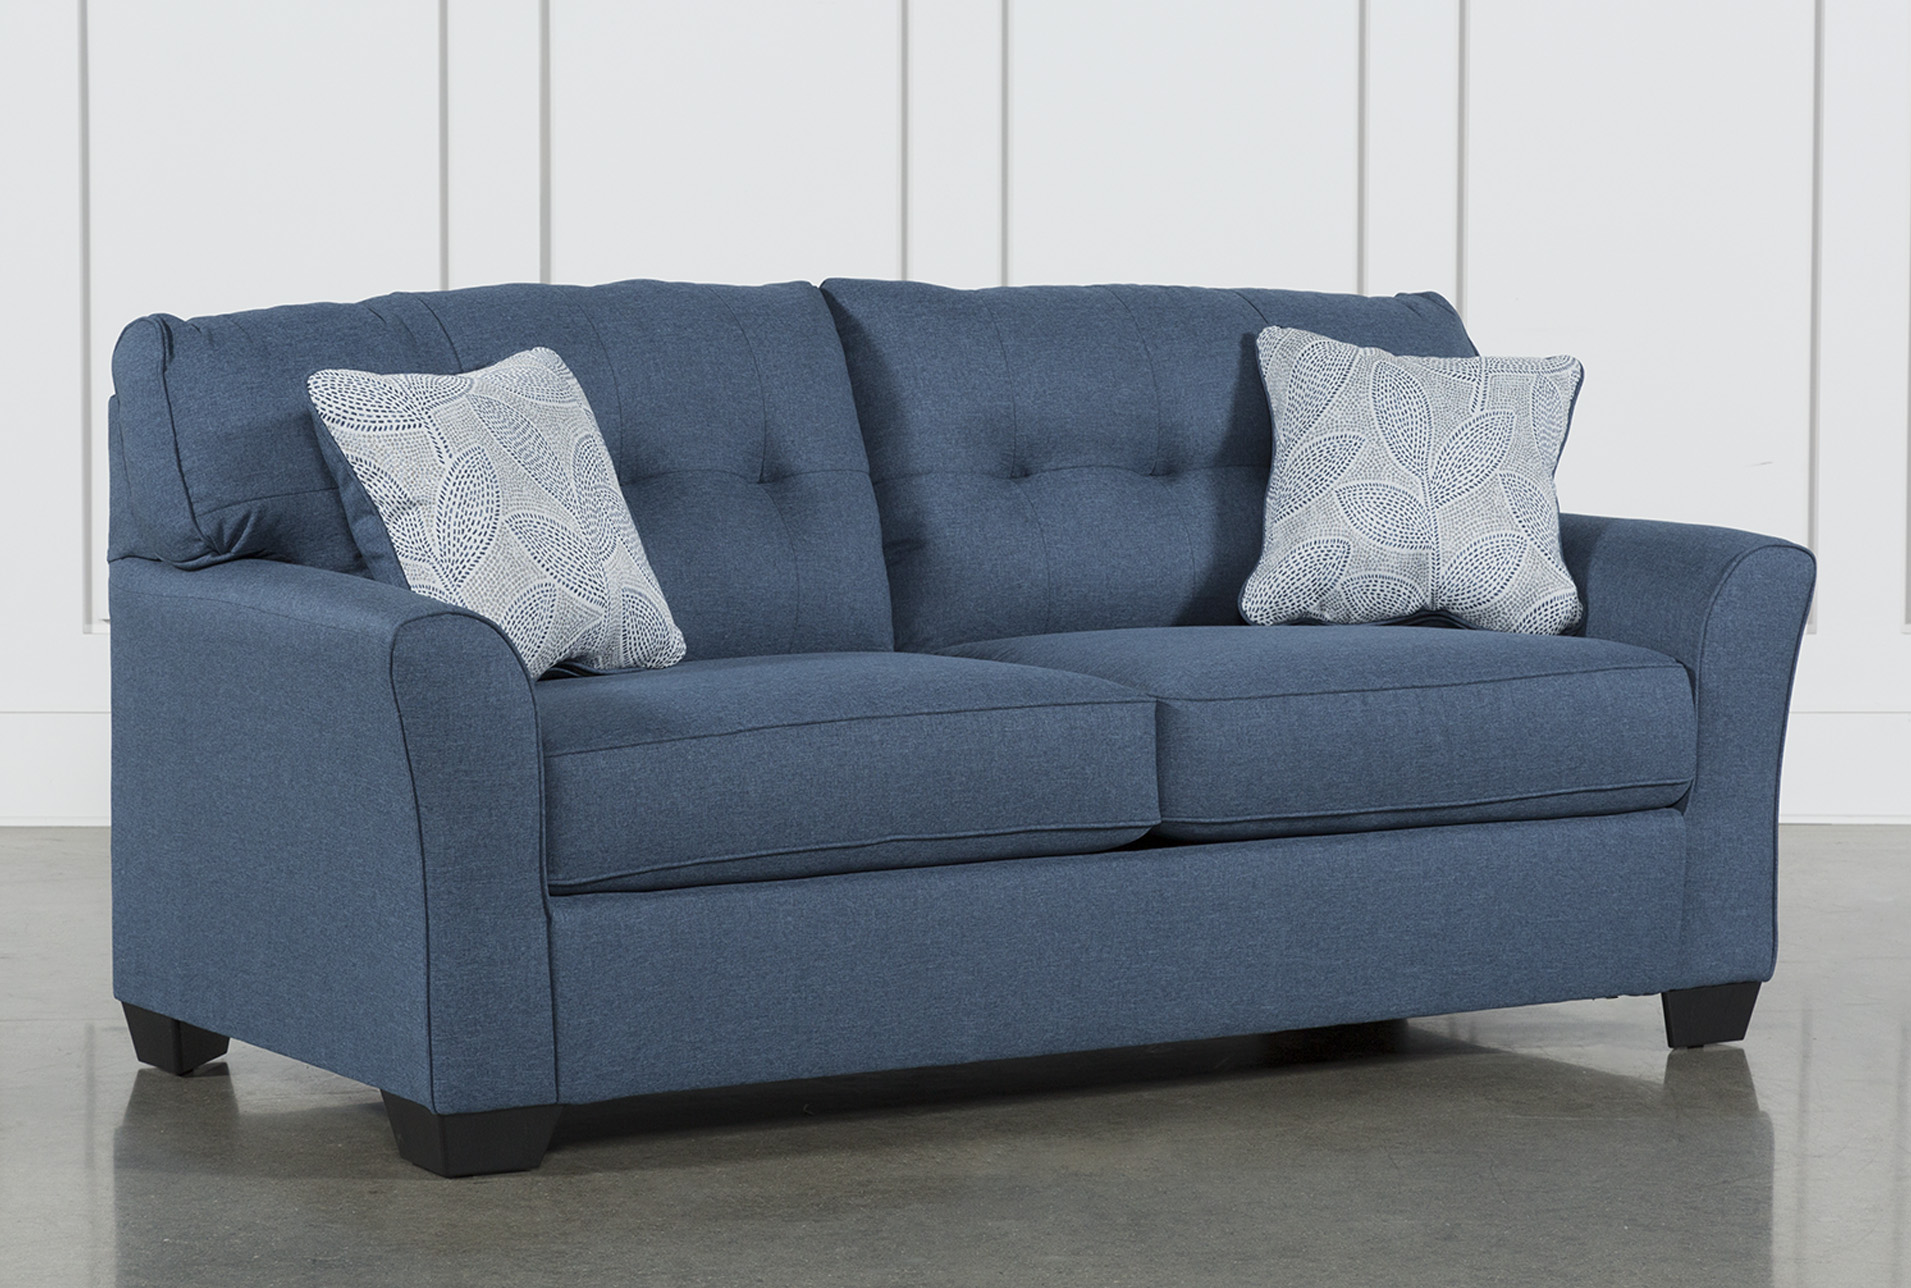 jacoby denim 78 full sofa sleeper